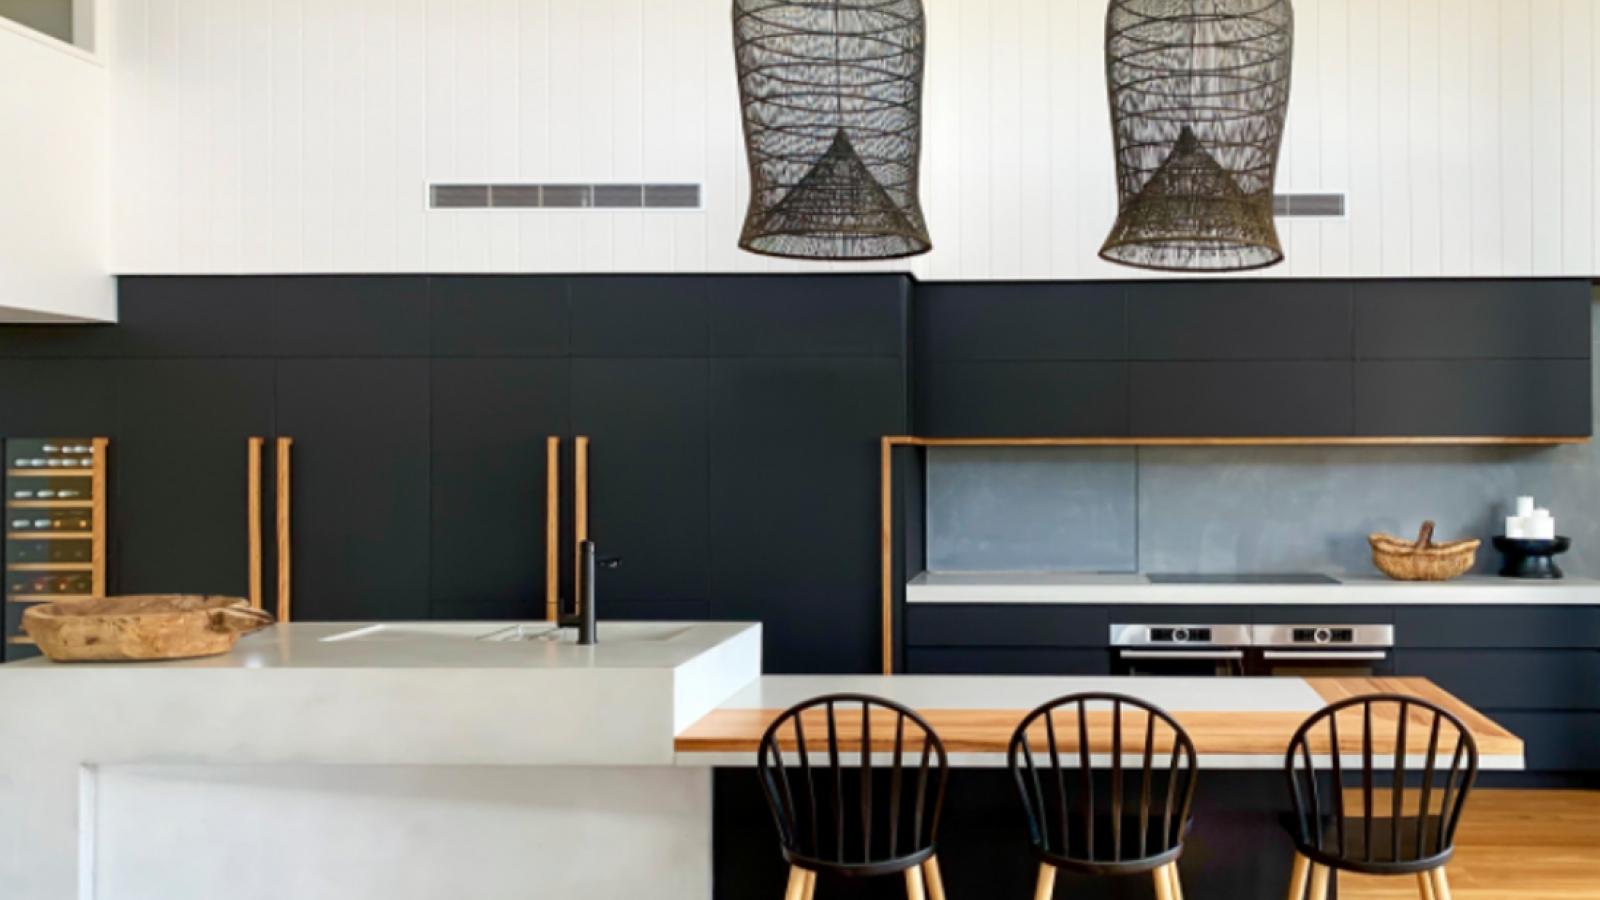 Tư vấn những thiết kế quầy bar, bếp vừa đẹp vừa hữu dụng cho gia chủ